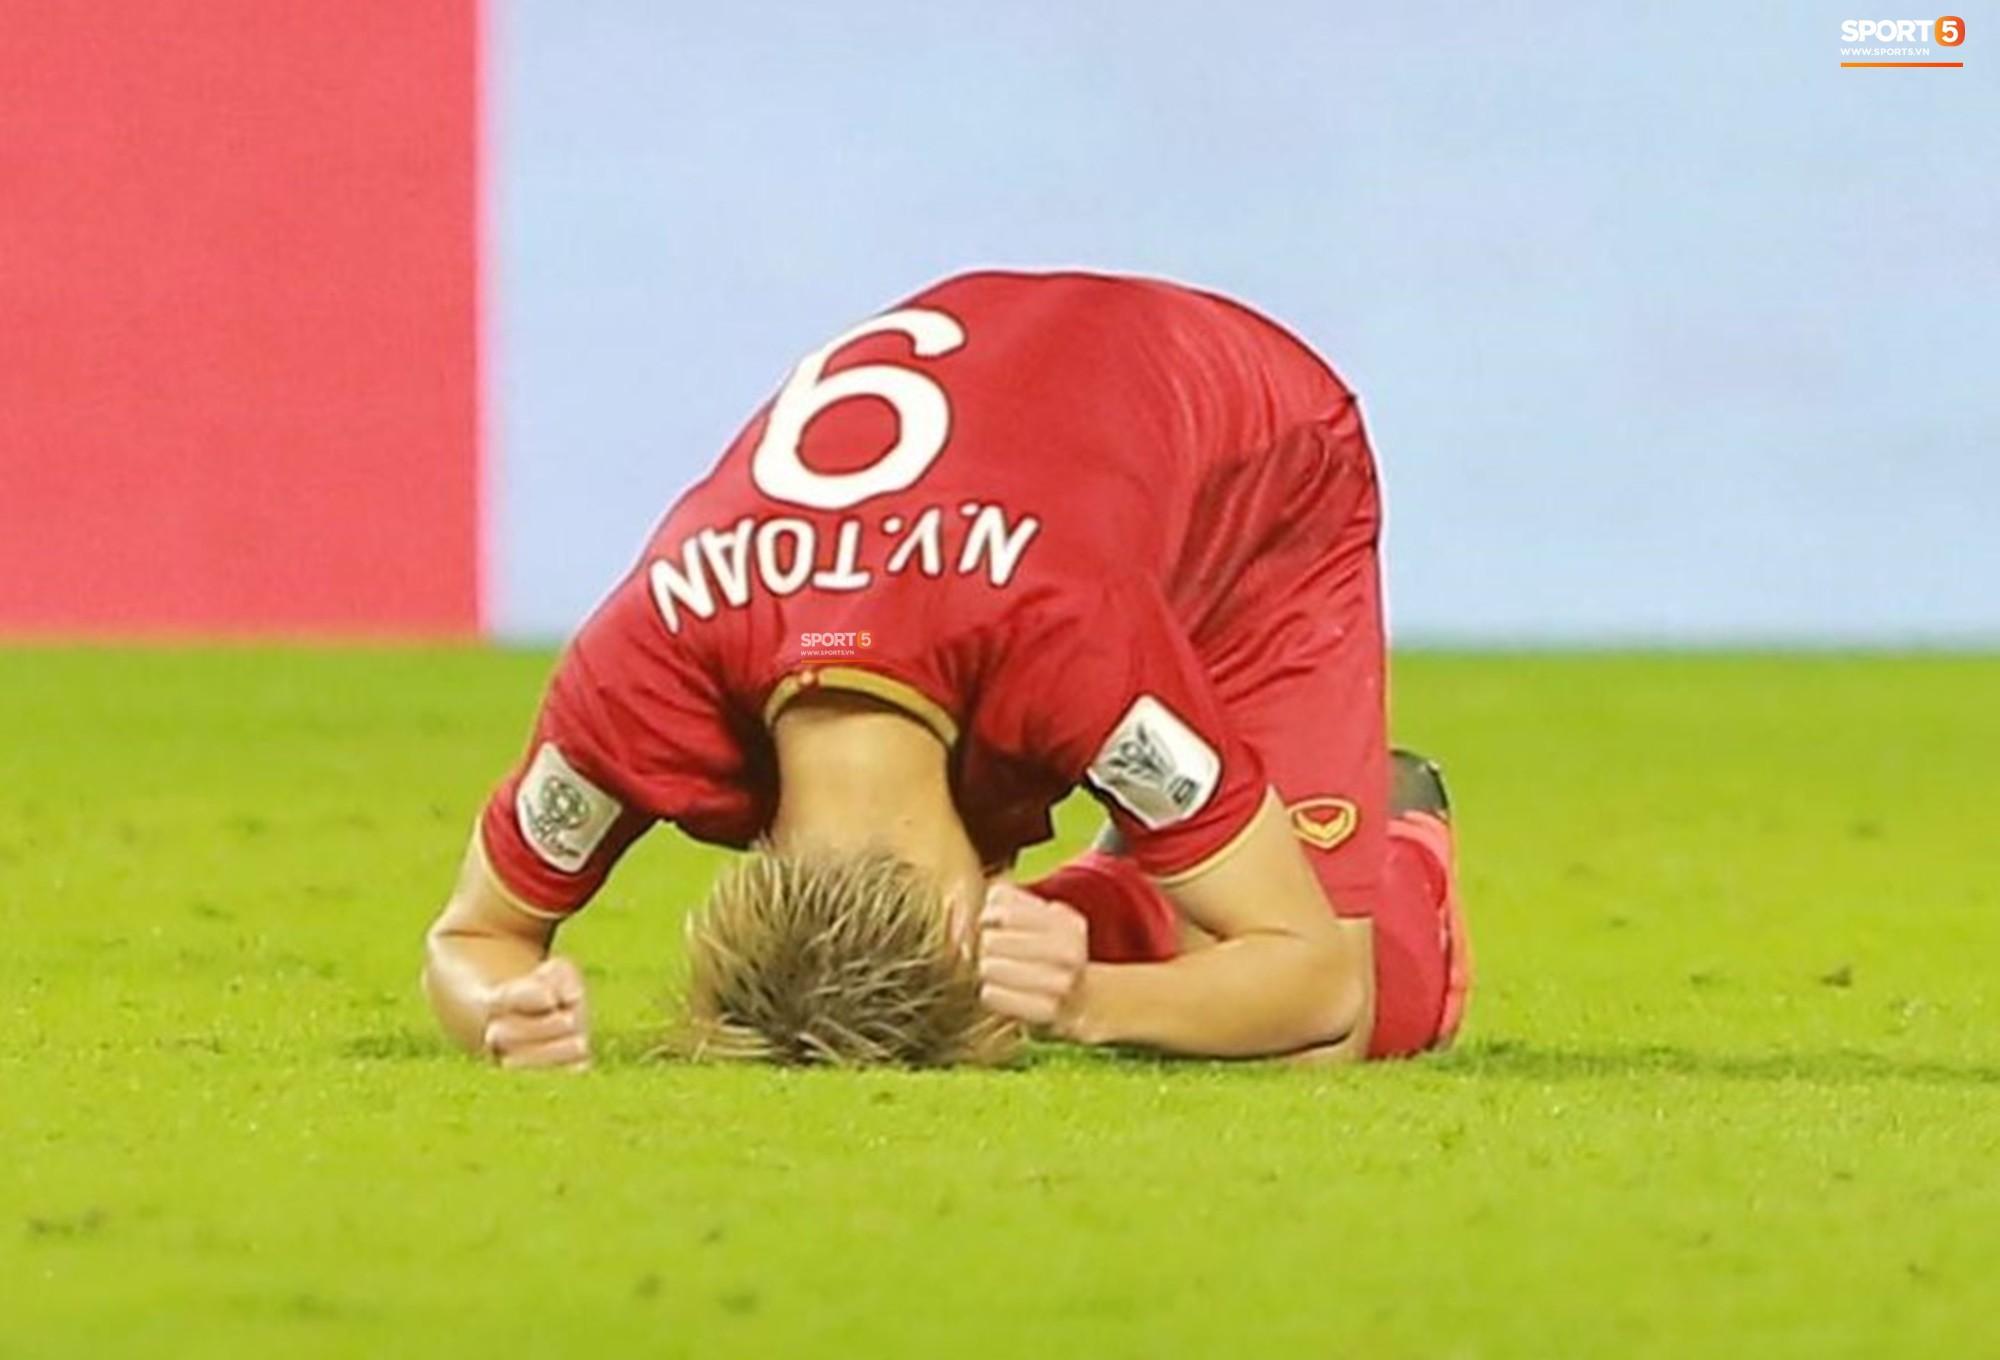 Văn Toàn đổ gục sau trận thua, ai nhìn hình ảnh này cũng muốn vào sân kéo cậu ấy đứng dậy-6